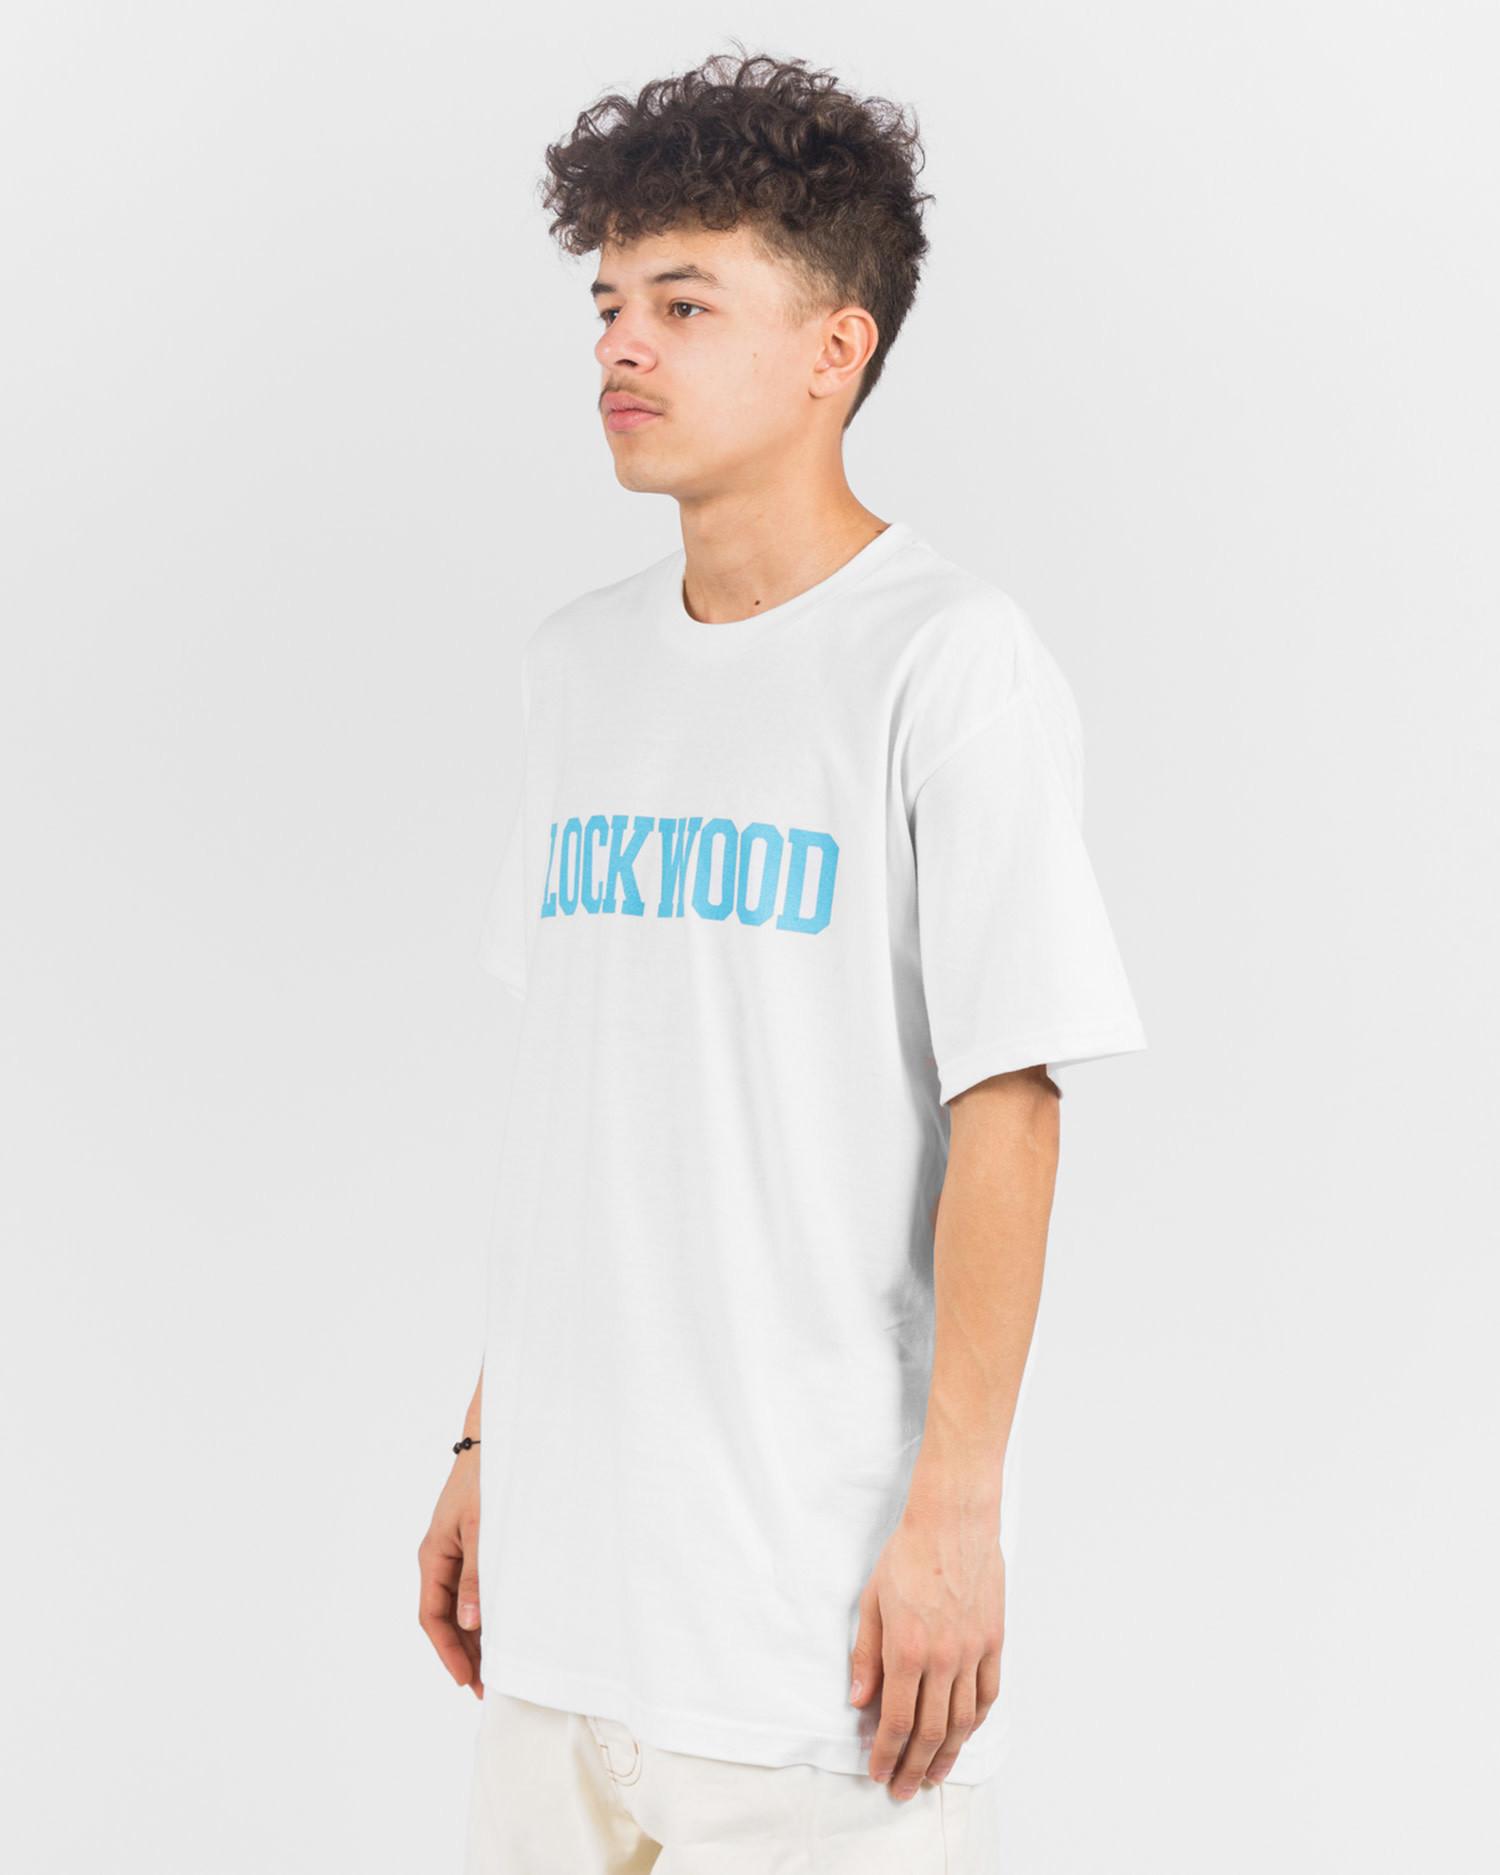 Lockwood OG Varsity T-shirt White/Blue